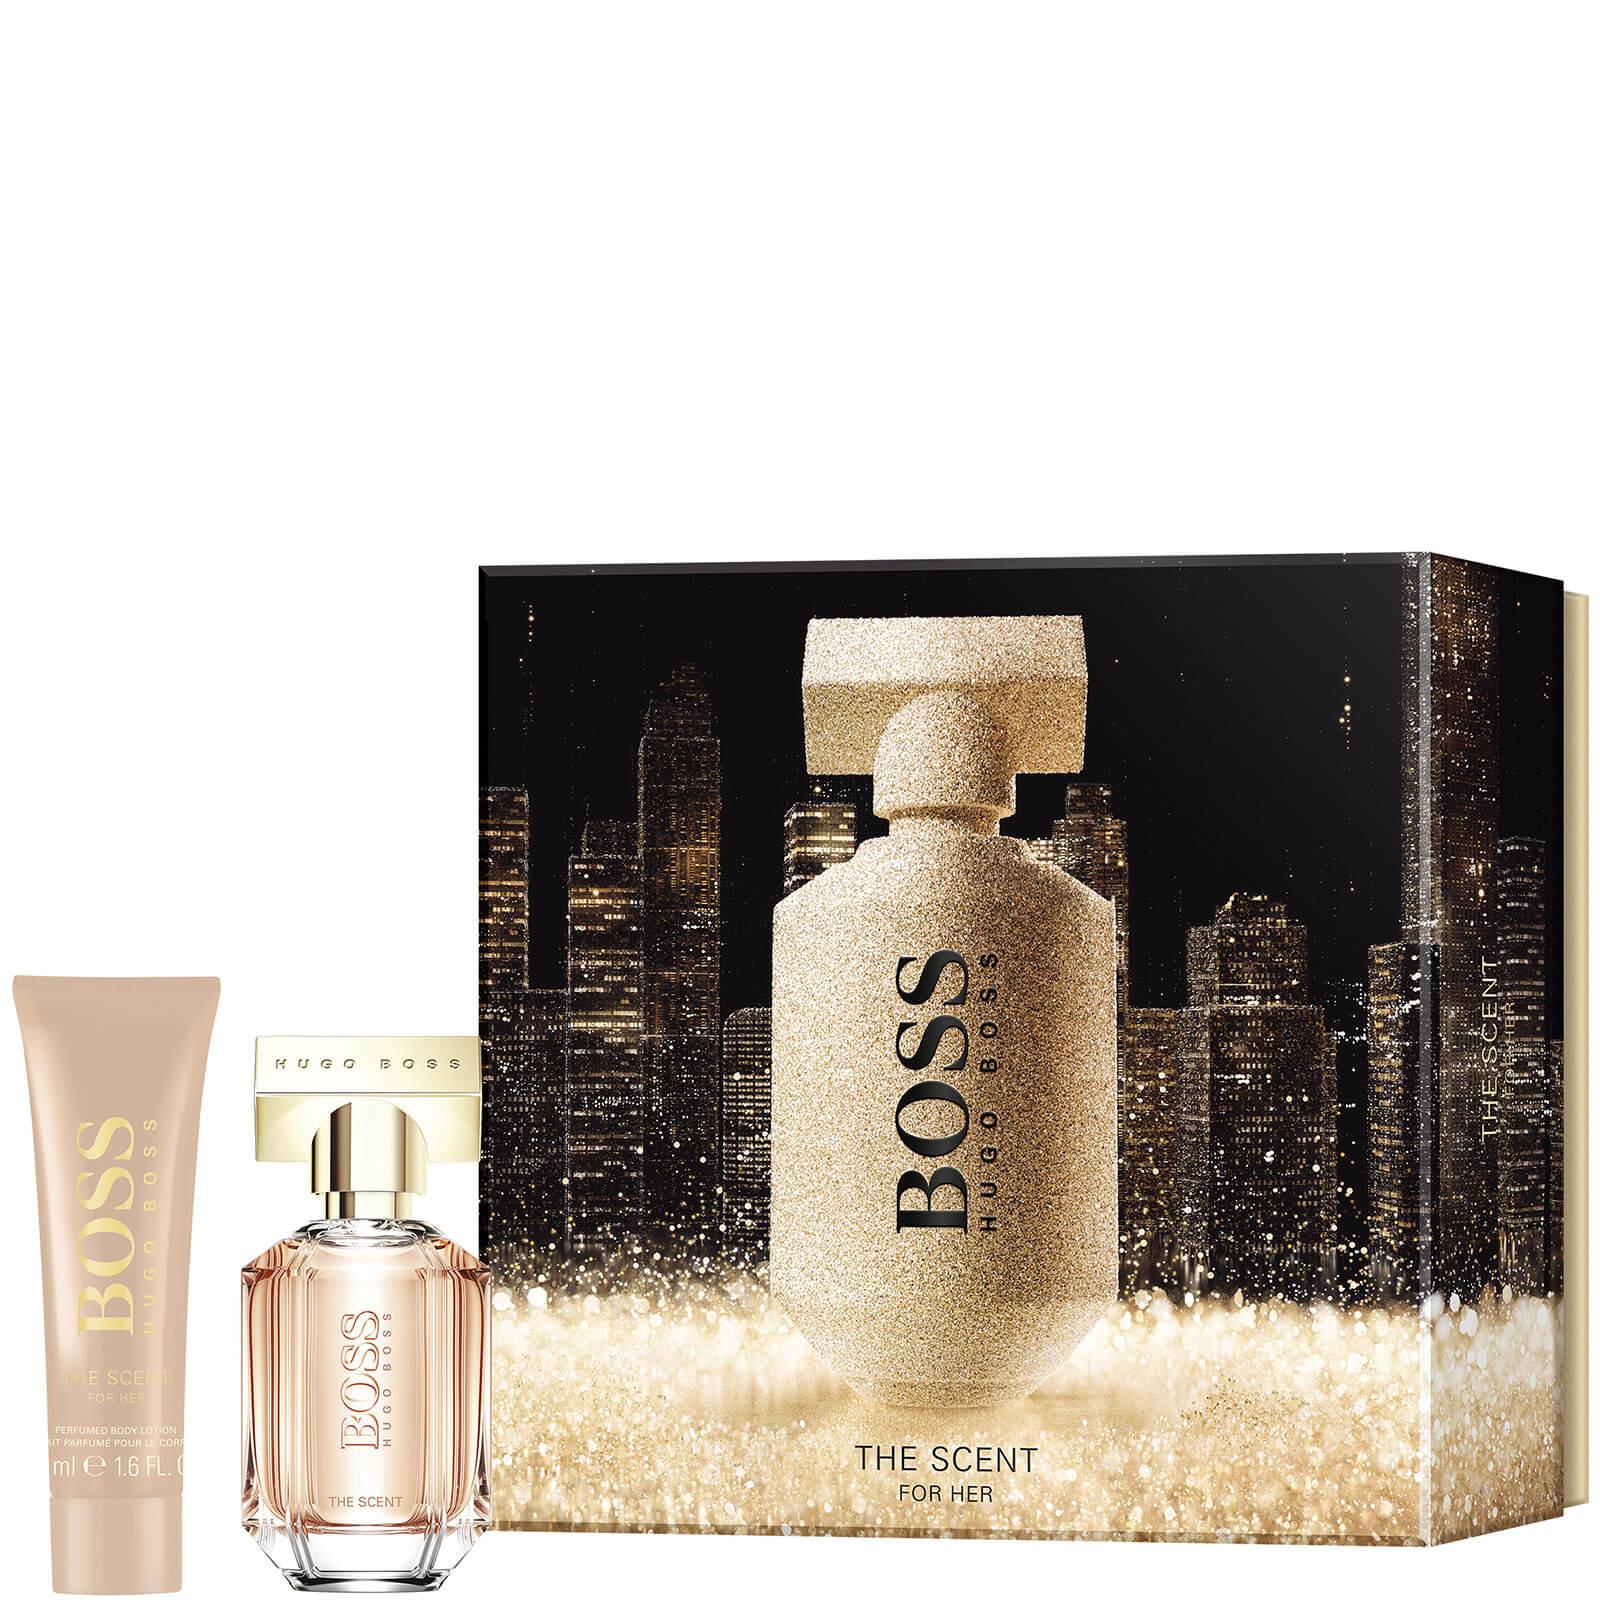 Купить Подарочный набор HUGO BOSS The Scent For Her Eau de Parfum 30ml